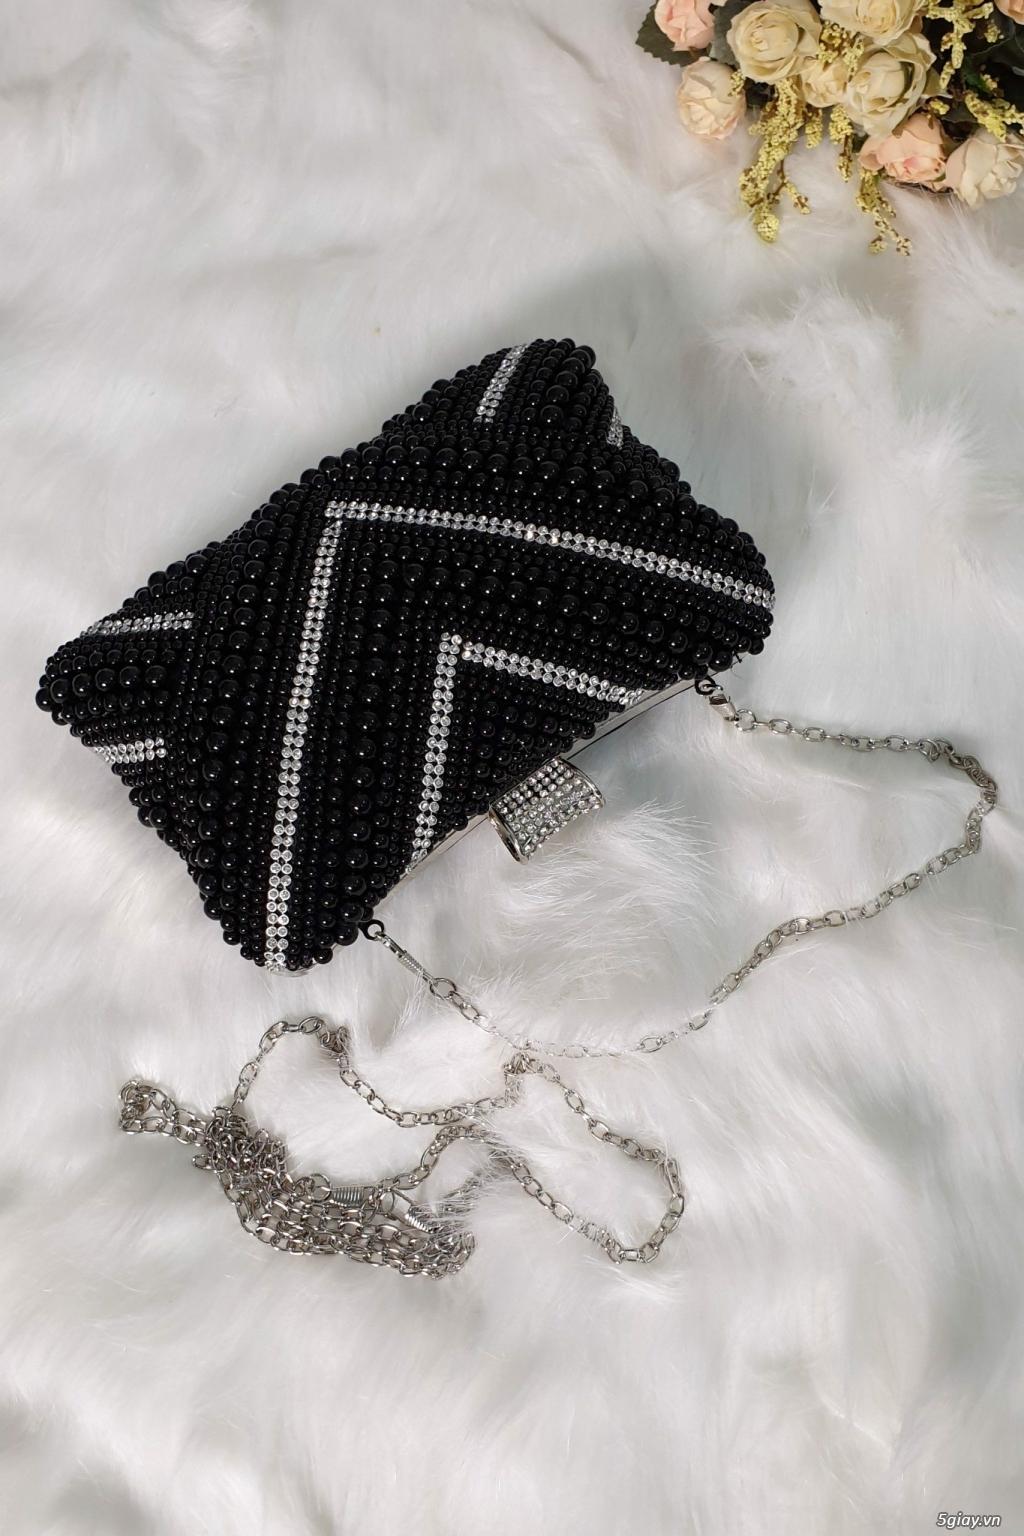 Wal House Fashion - Bóp ví túi xách thời trang - Giá ưu đãi - 27